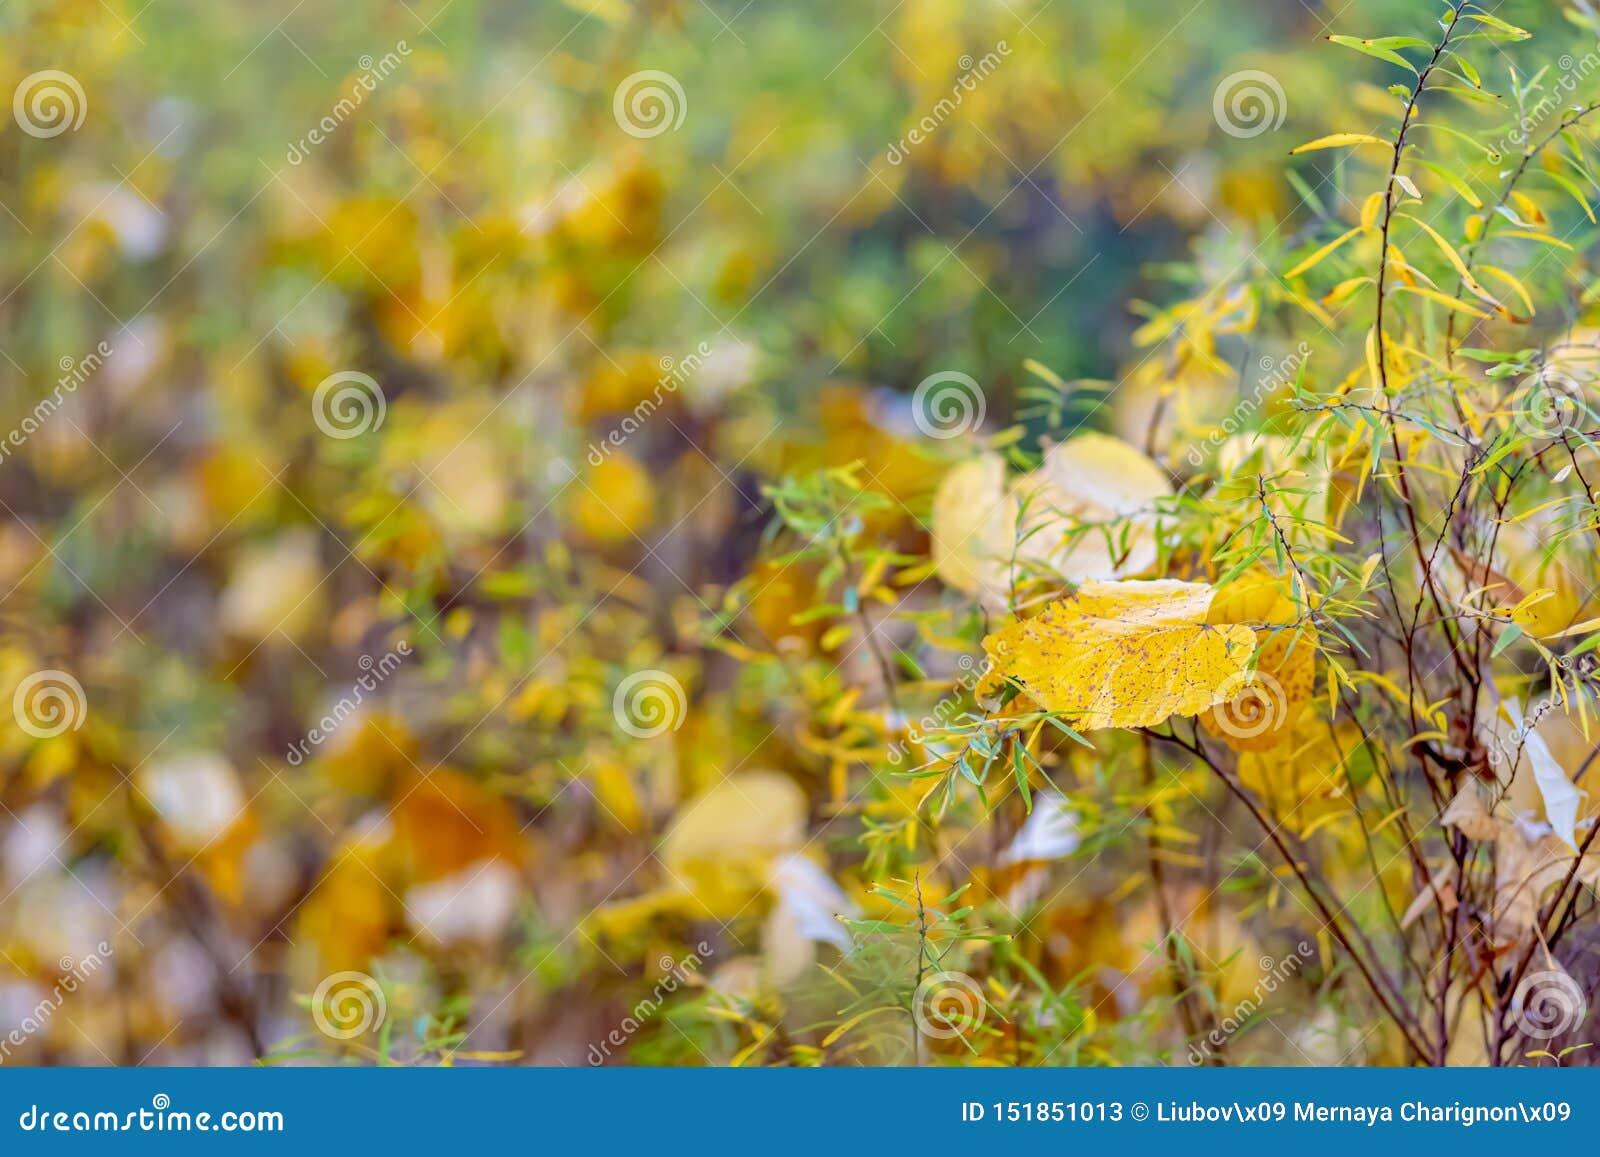 R Кустарники и желтые листья Предпосылка природы красивая запачканная r o r